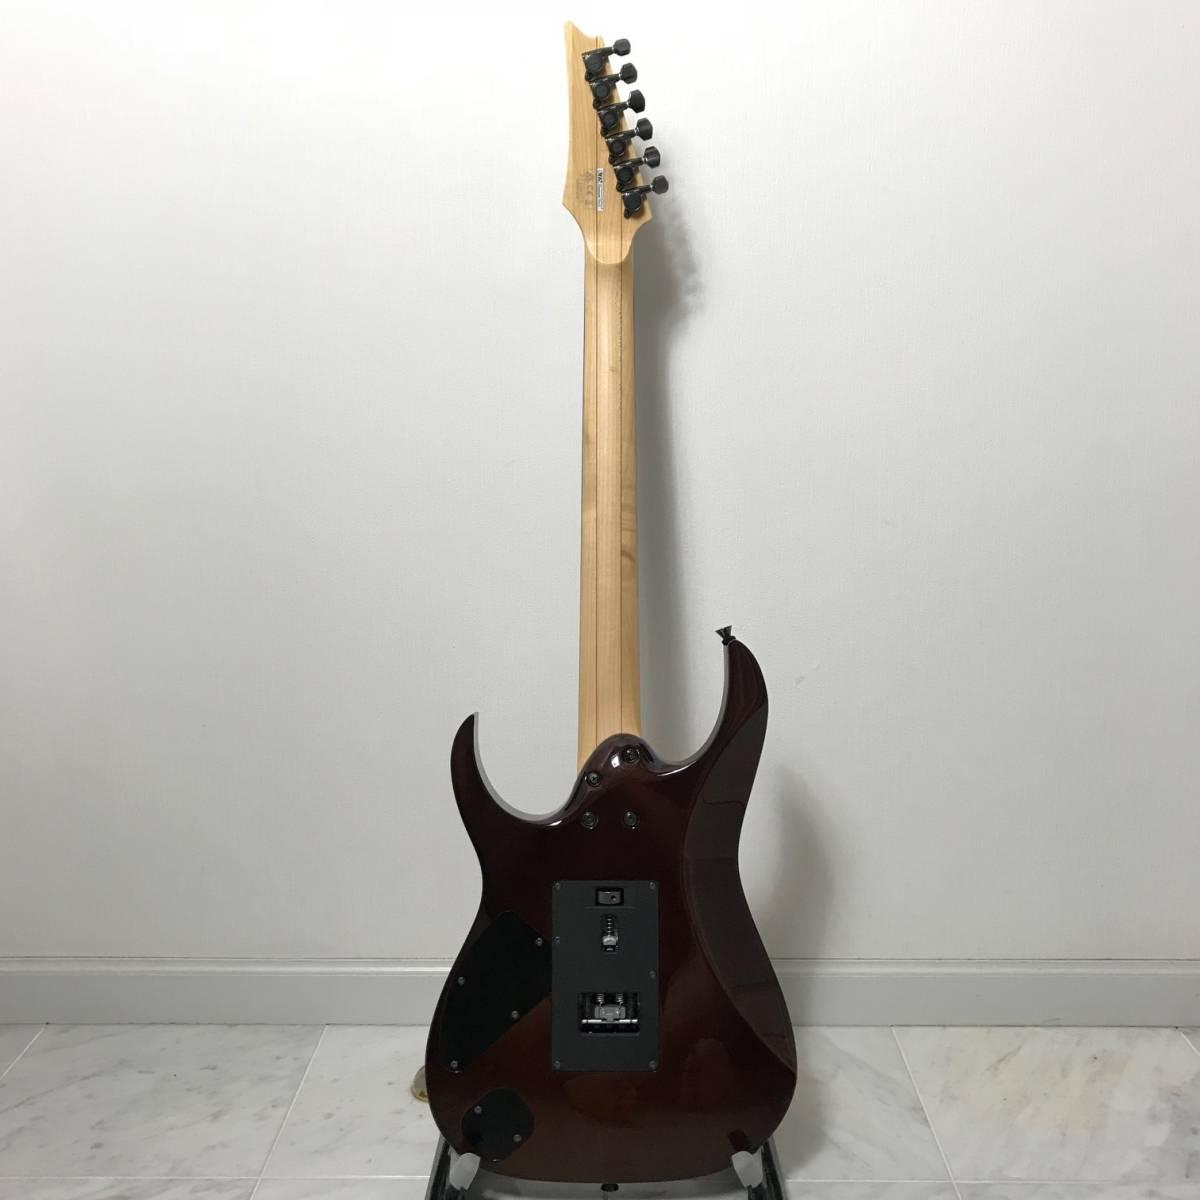 希少 美品 Ibanez J.custom RG7570Z Bright Brown Rutile 付属品 専用ハードケース付 日本製 アイバニーズ エレキギター GOTOHペグ 最高峰_画像7